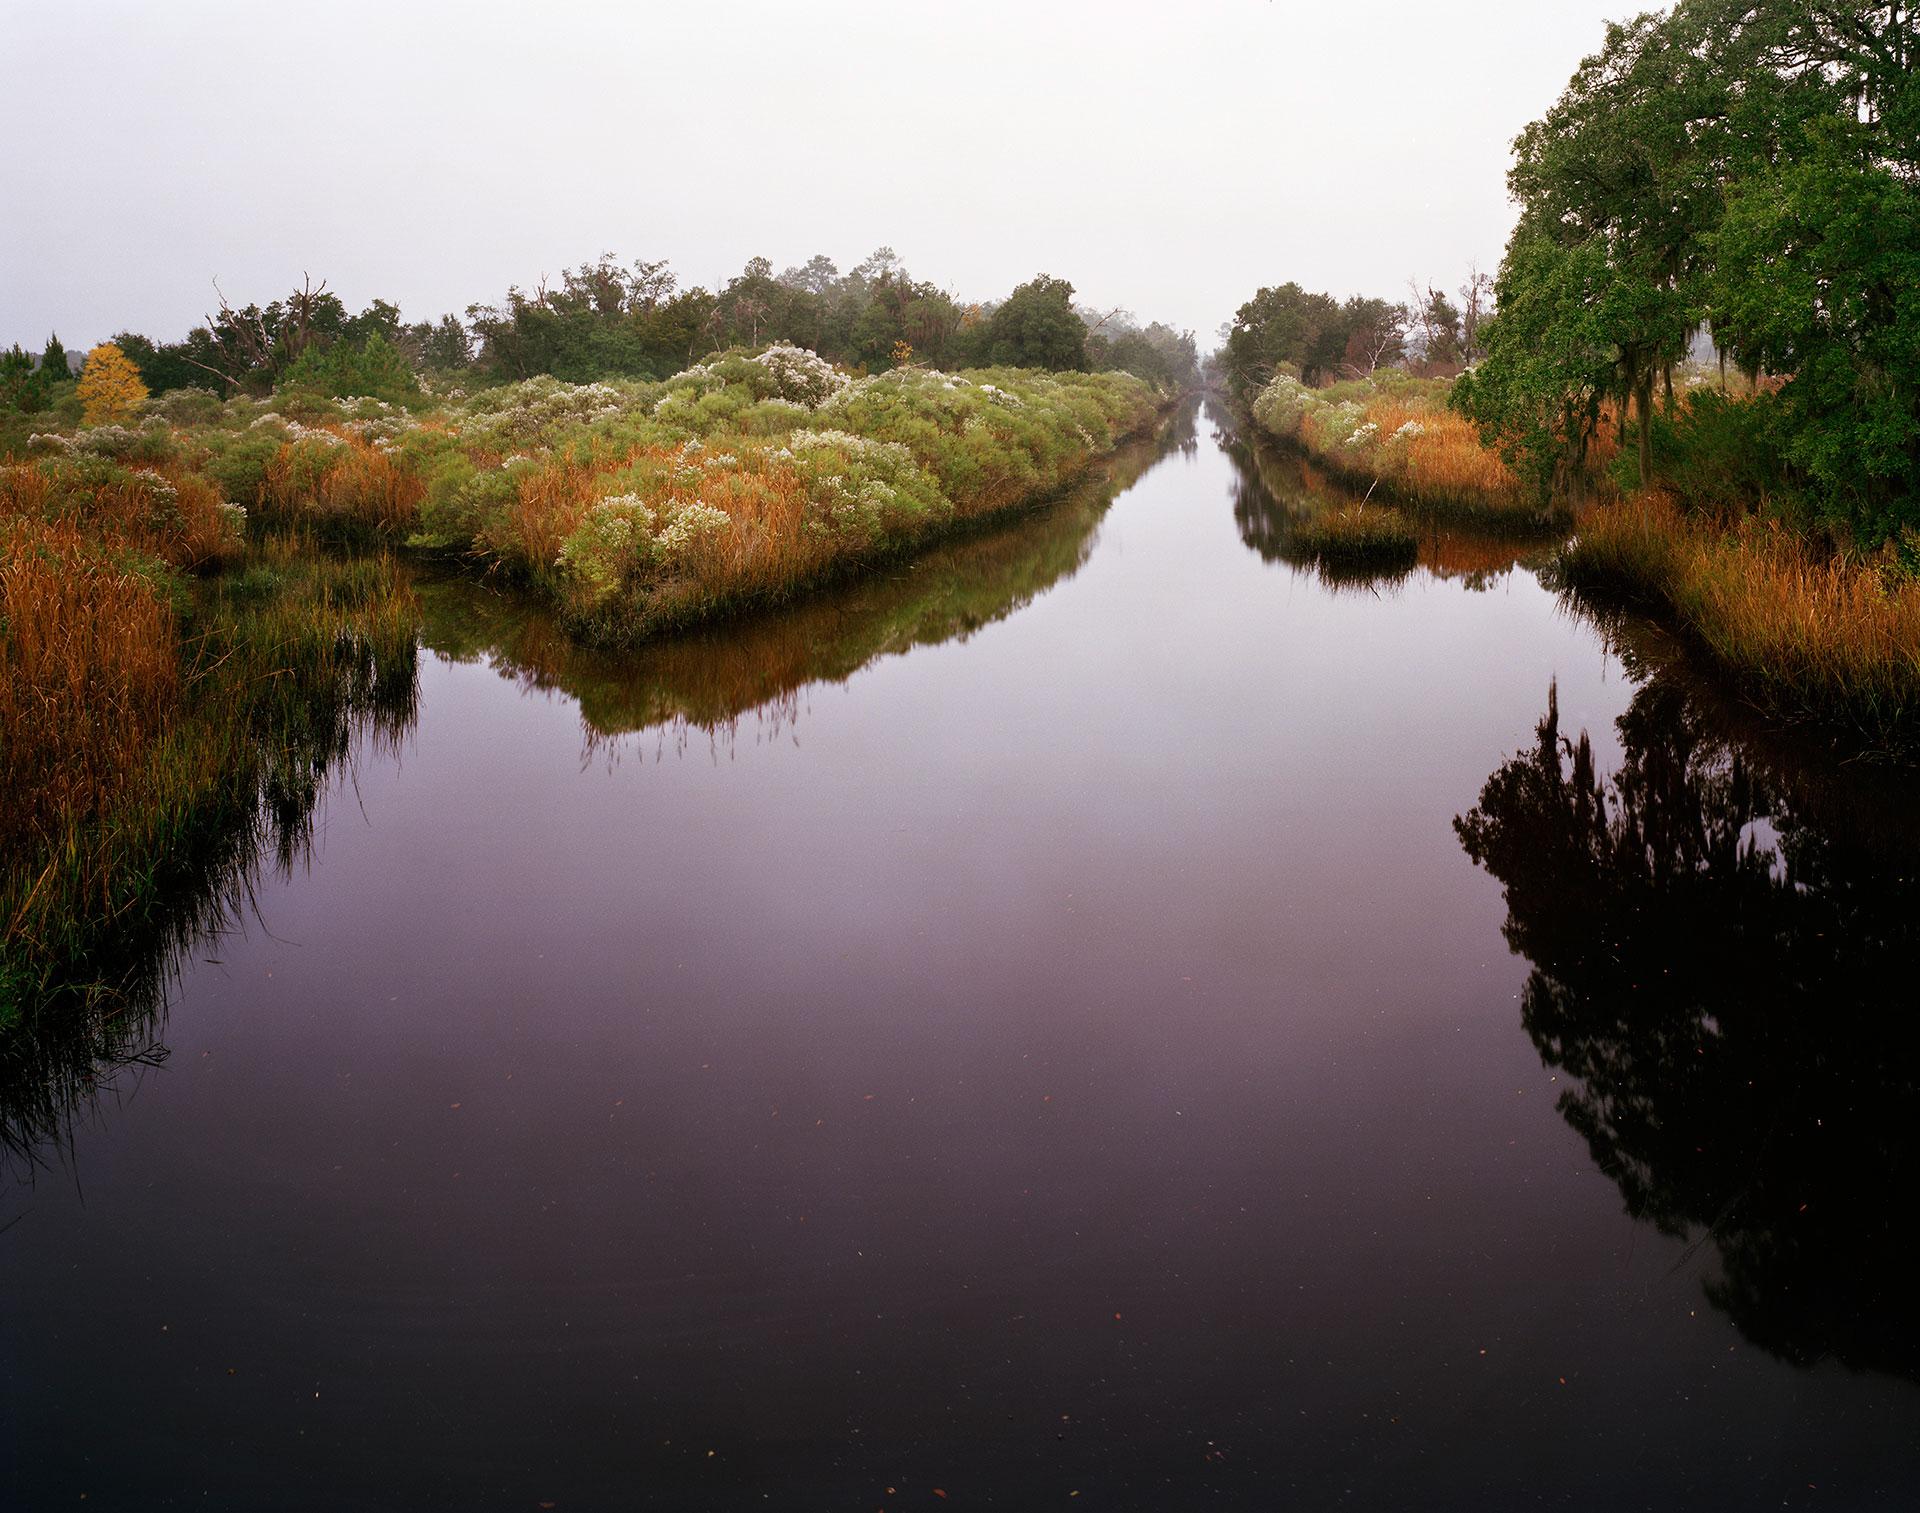 Canal in Fog, Near Highway 17